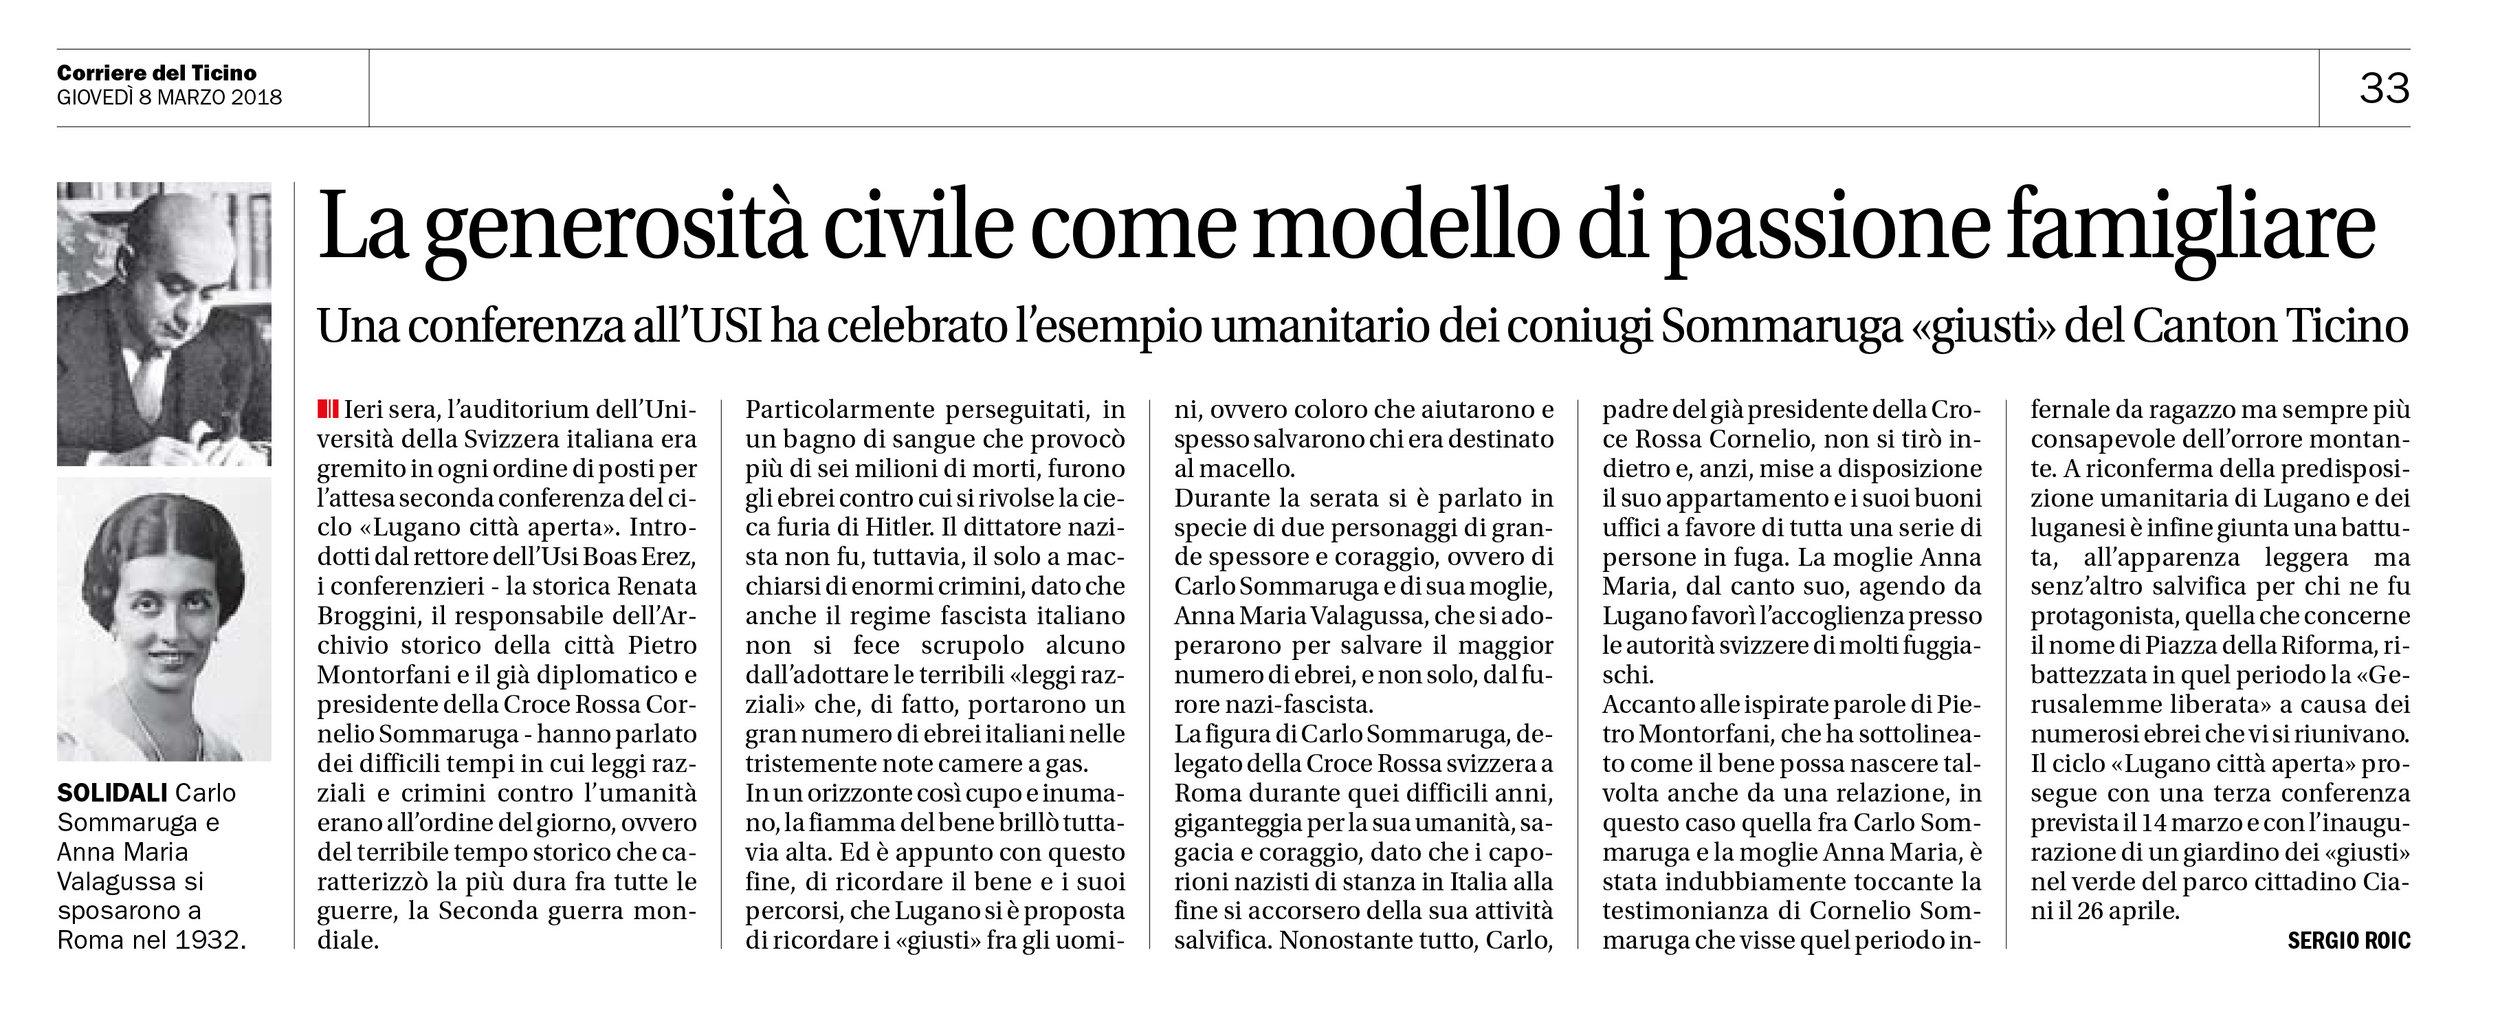 08.03.18 - Corriere del Ticino